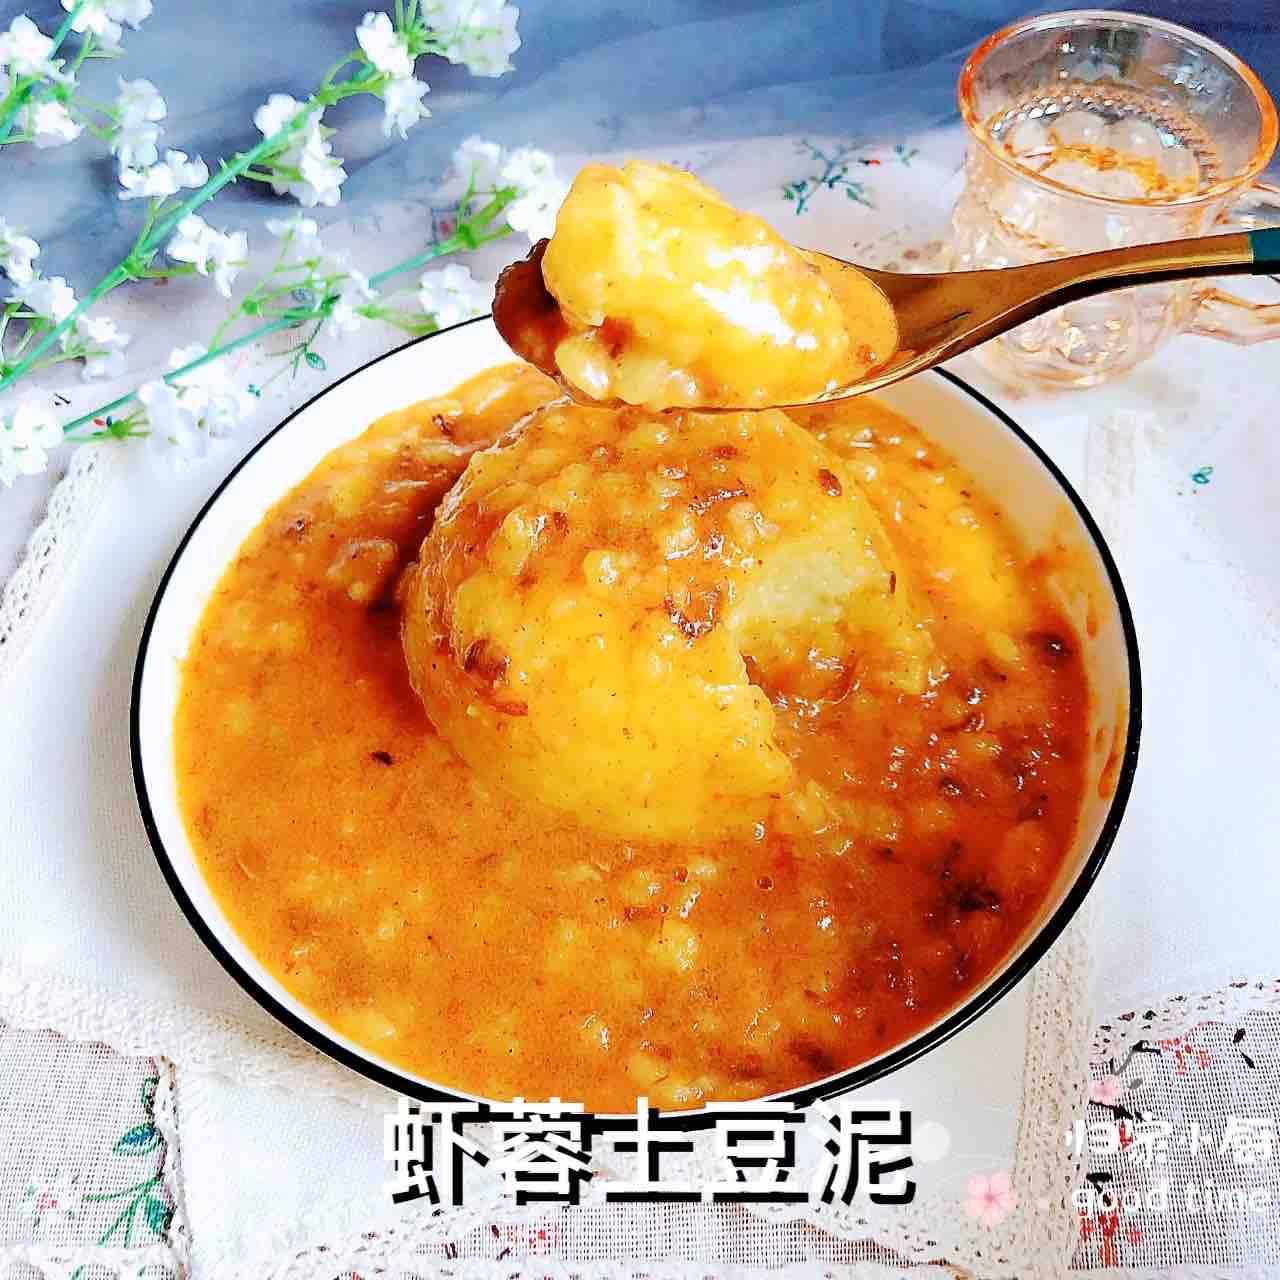 虾蓉土豆泥